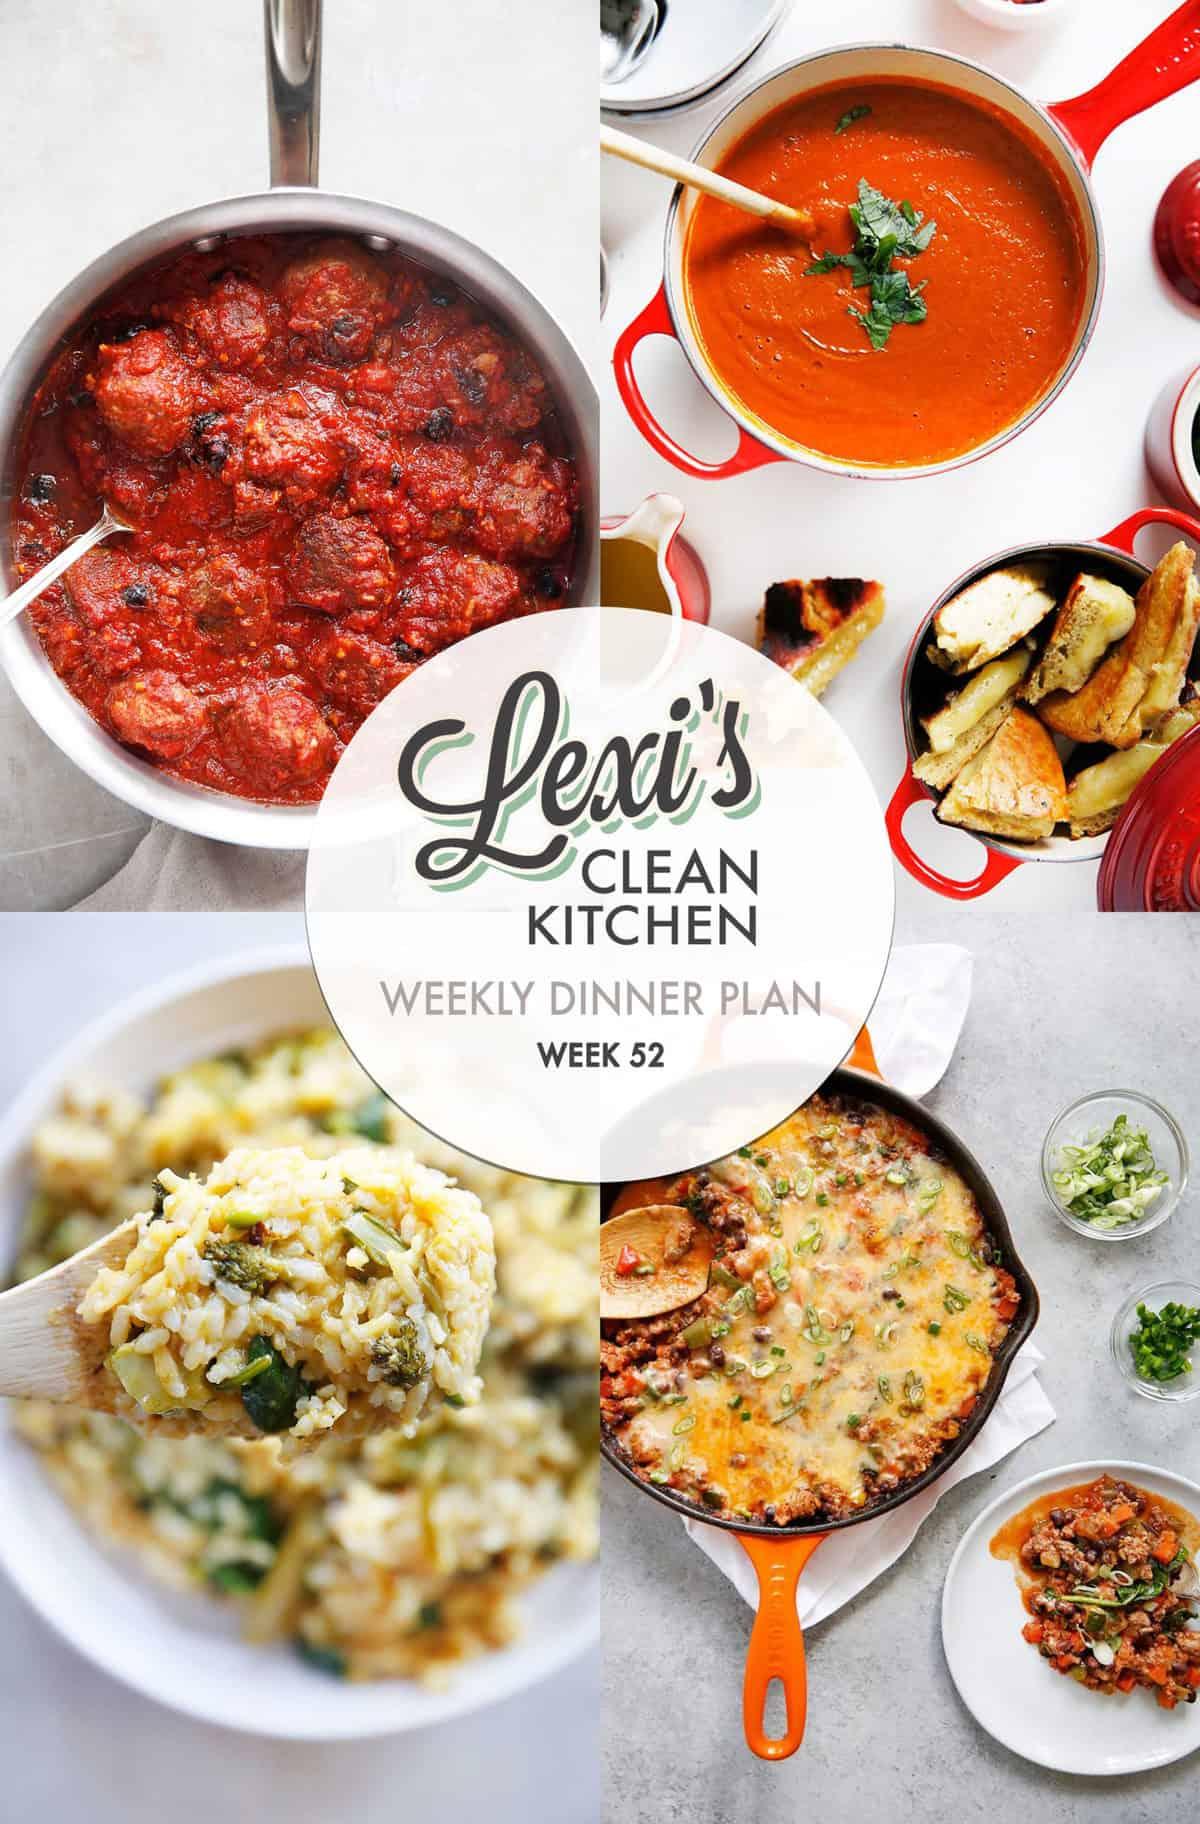 Lexi's Weekly Dinner Plan Week 52